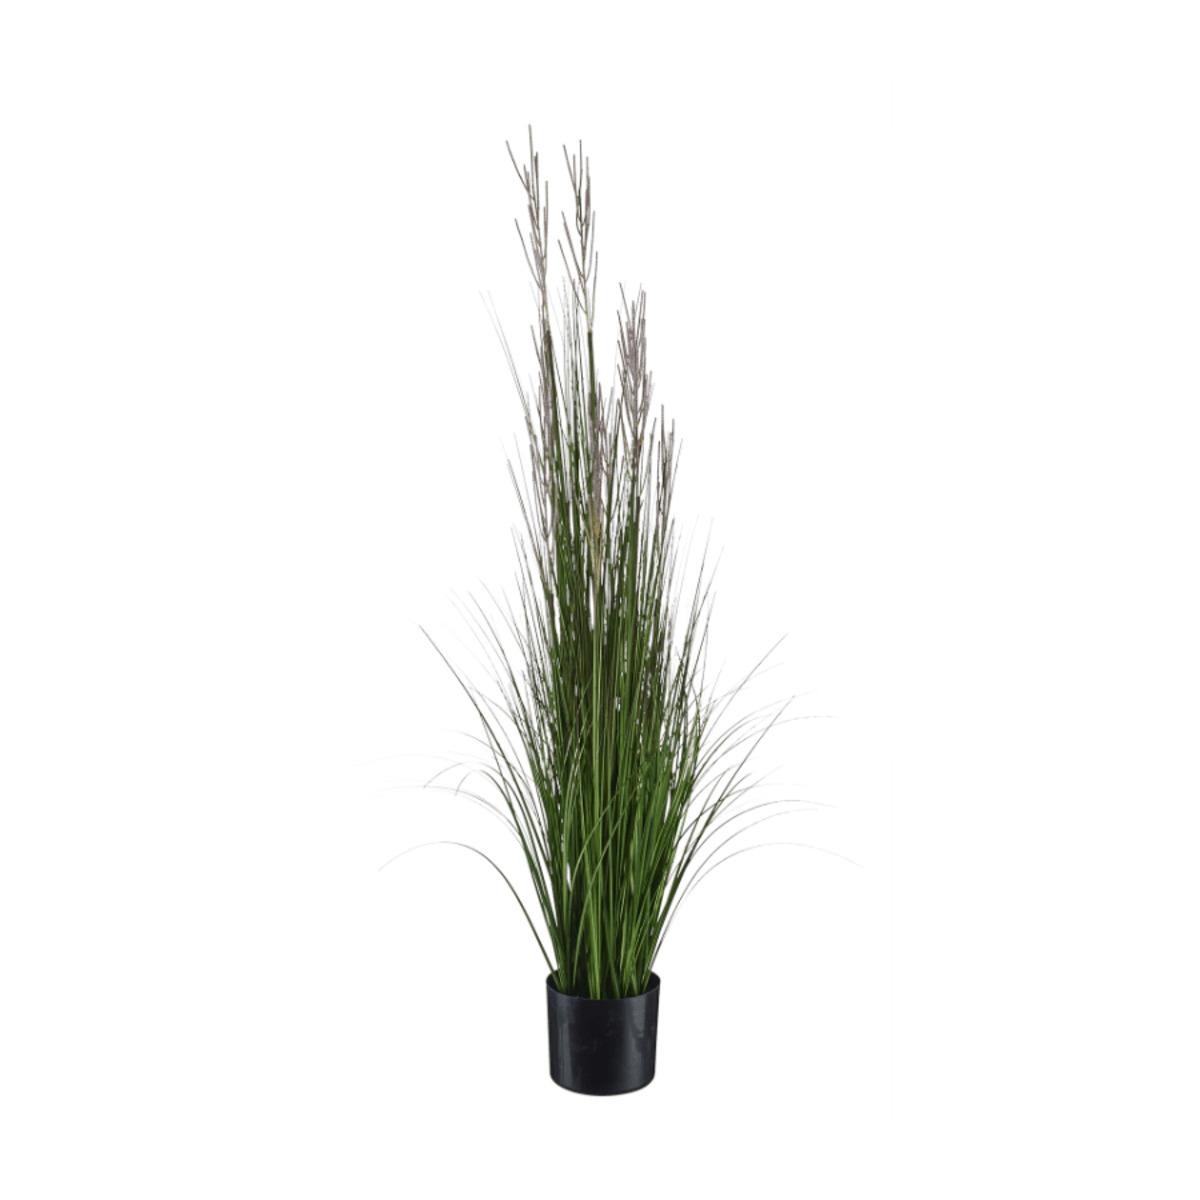 Bild 4 von LIVING ART     Künstliche Pflanze